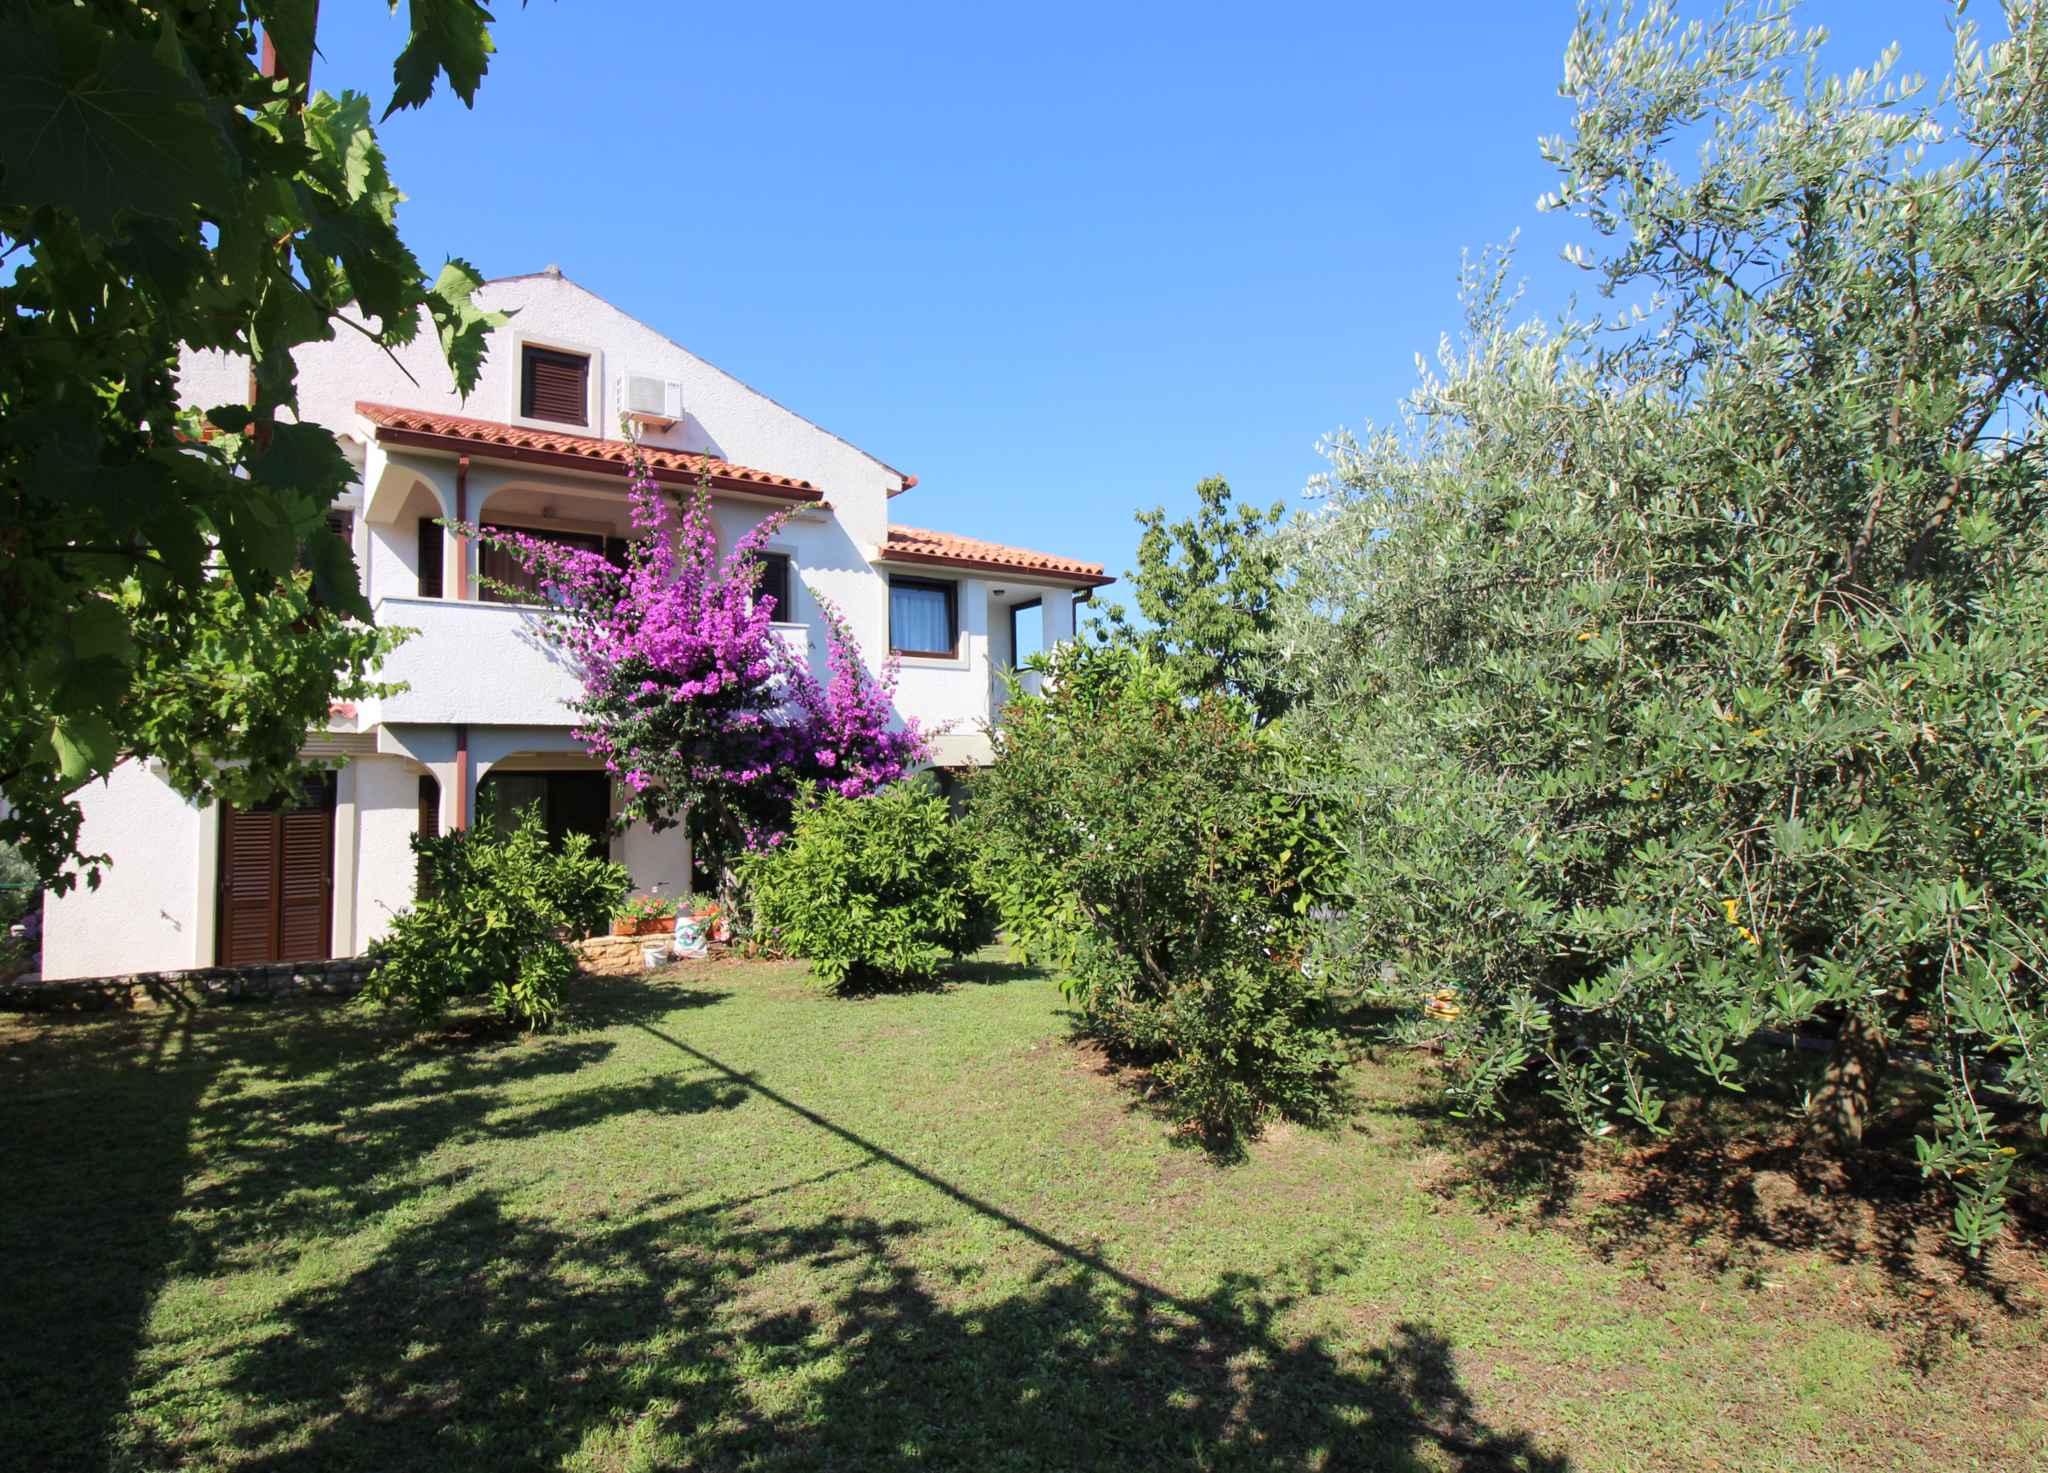 Ferienwohnung mit schönem Balkon und Gartenmöbeln (280241), Porec, , Istrien, Kroatien, Bild 3